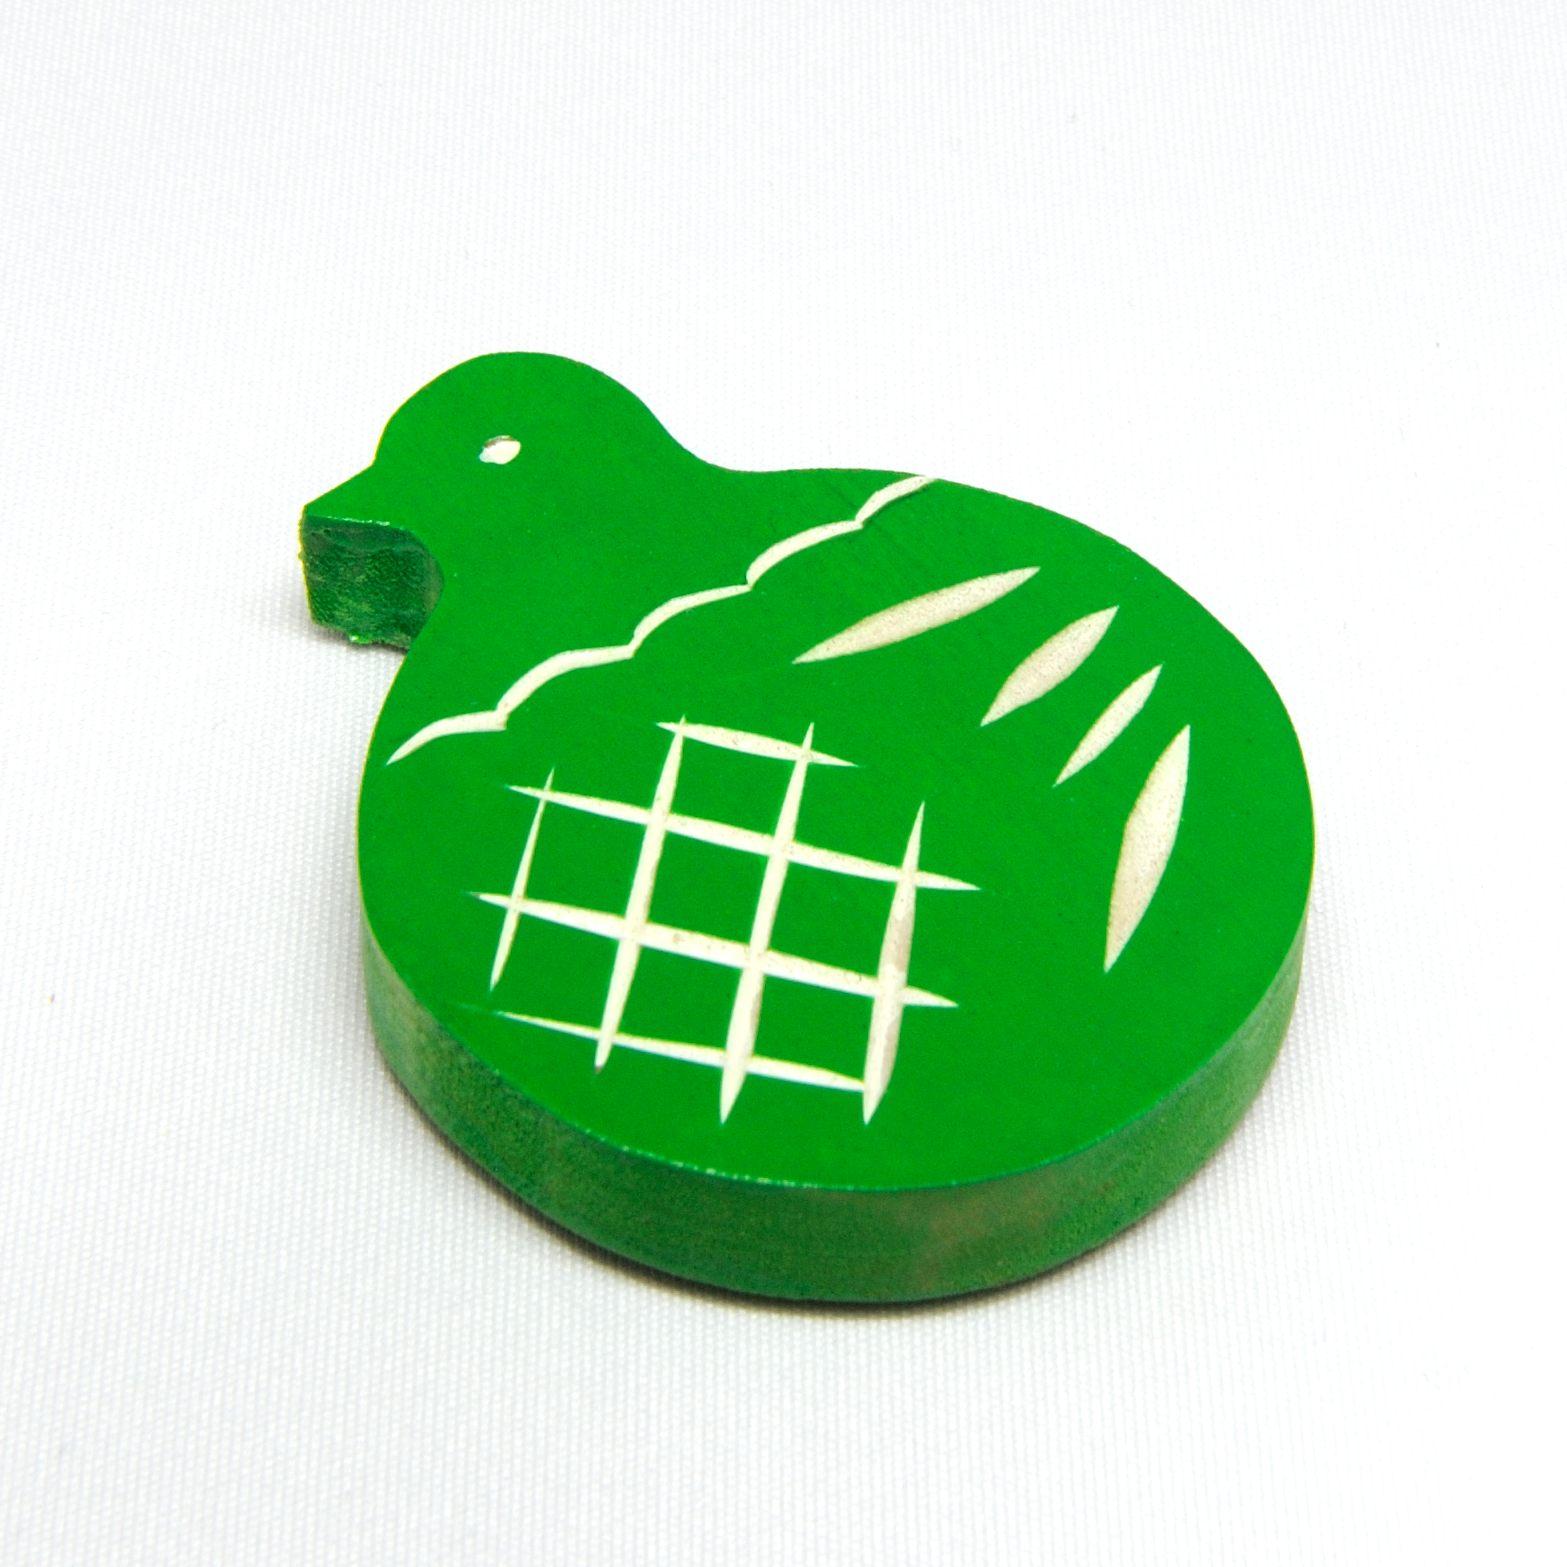 鳩のマグネット(緑)